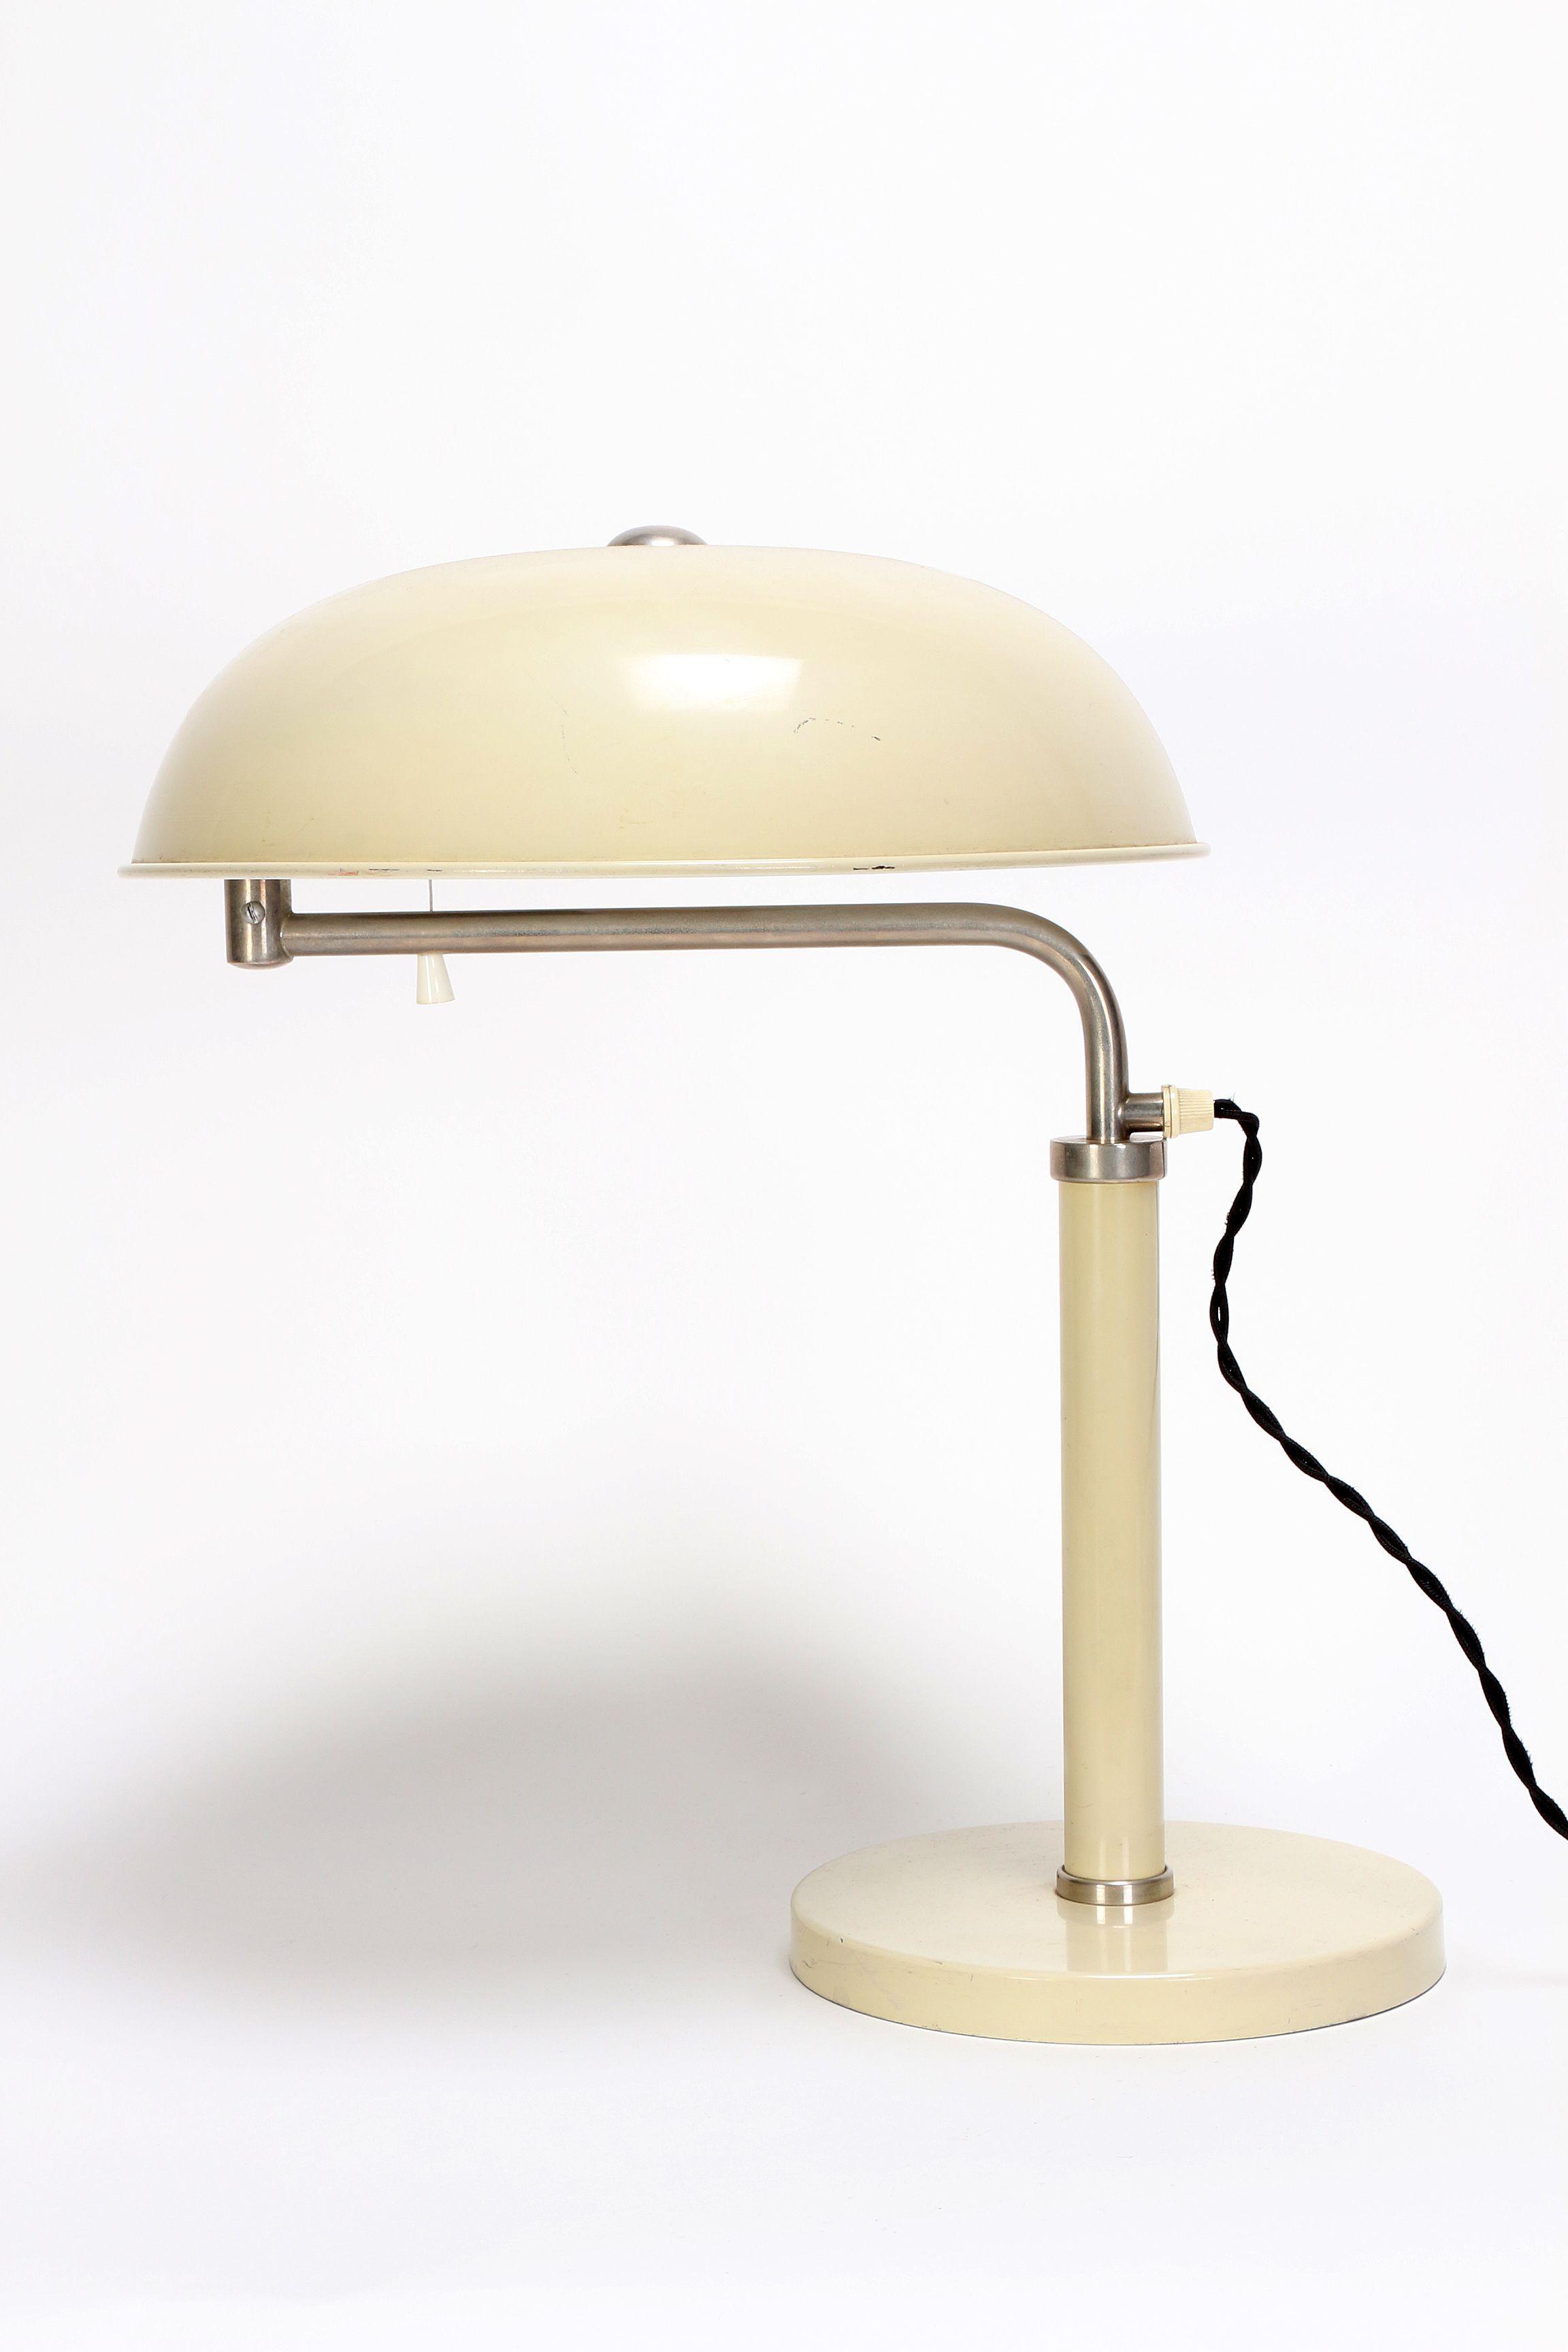 sheeting in 2020 | Bauhaus furniture, Lamp, Bauhaus design